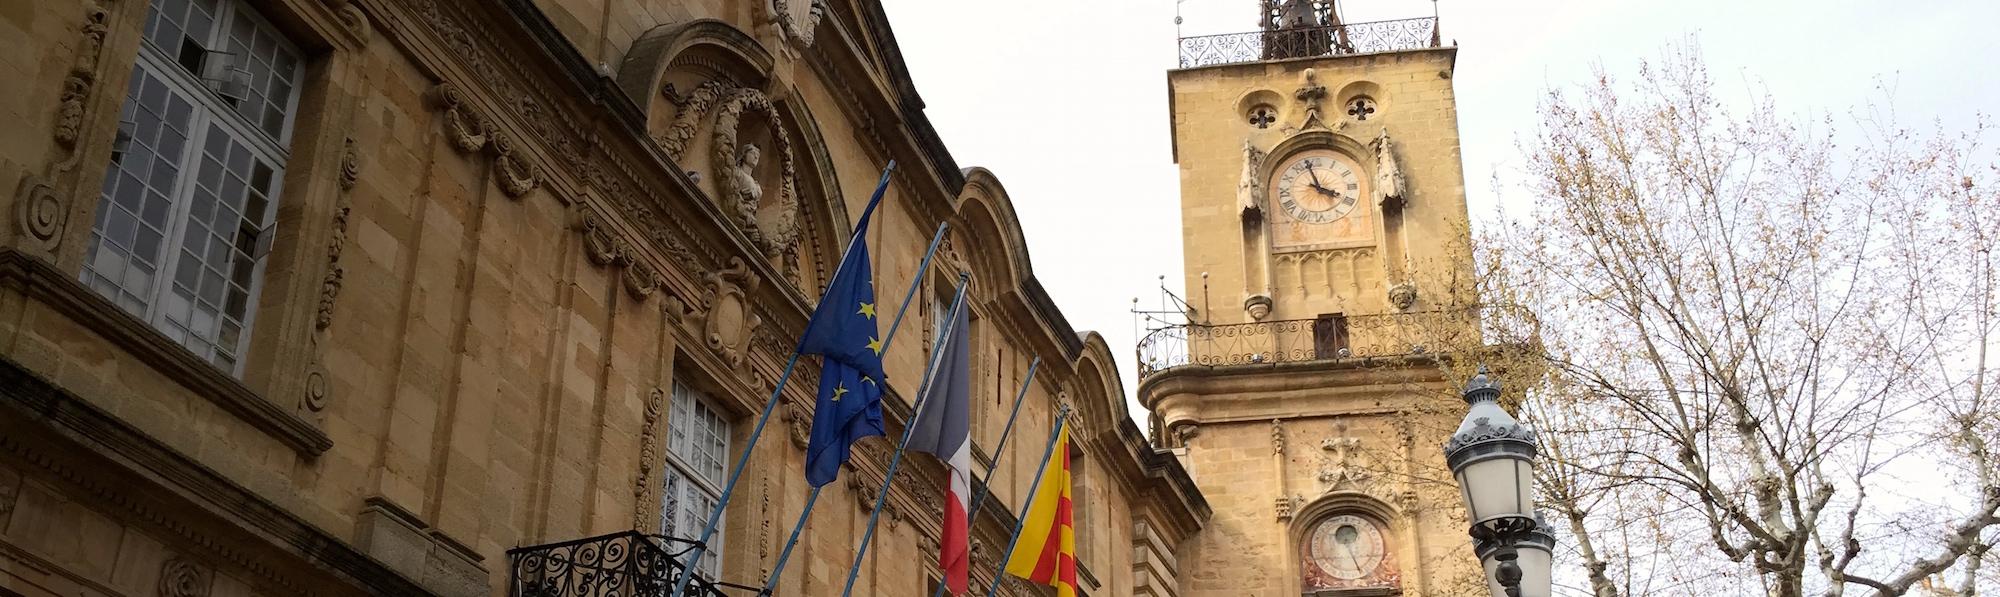 Torre del Reloj, Aix en Provence